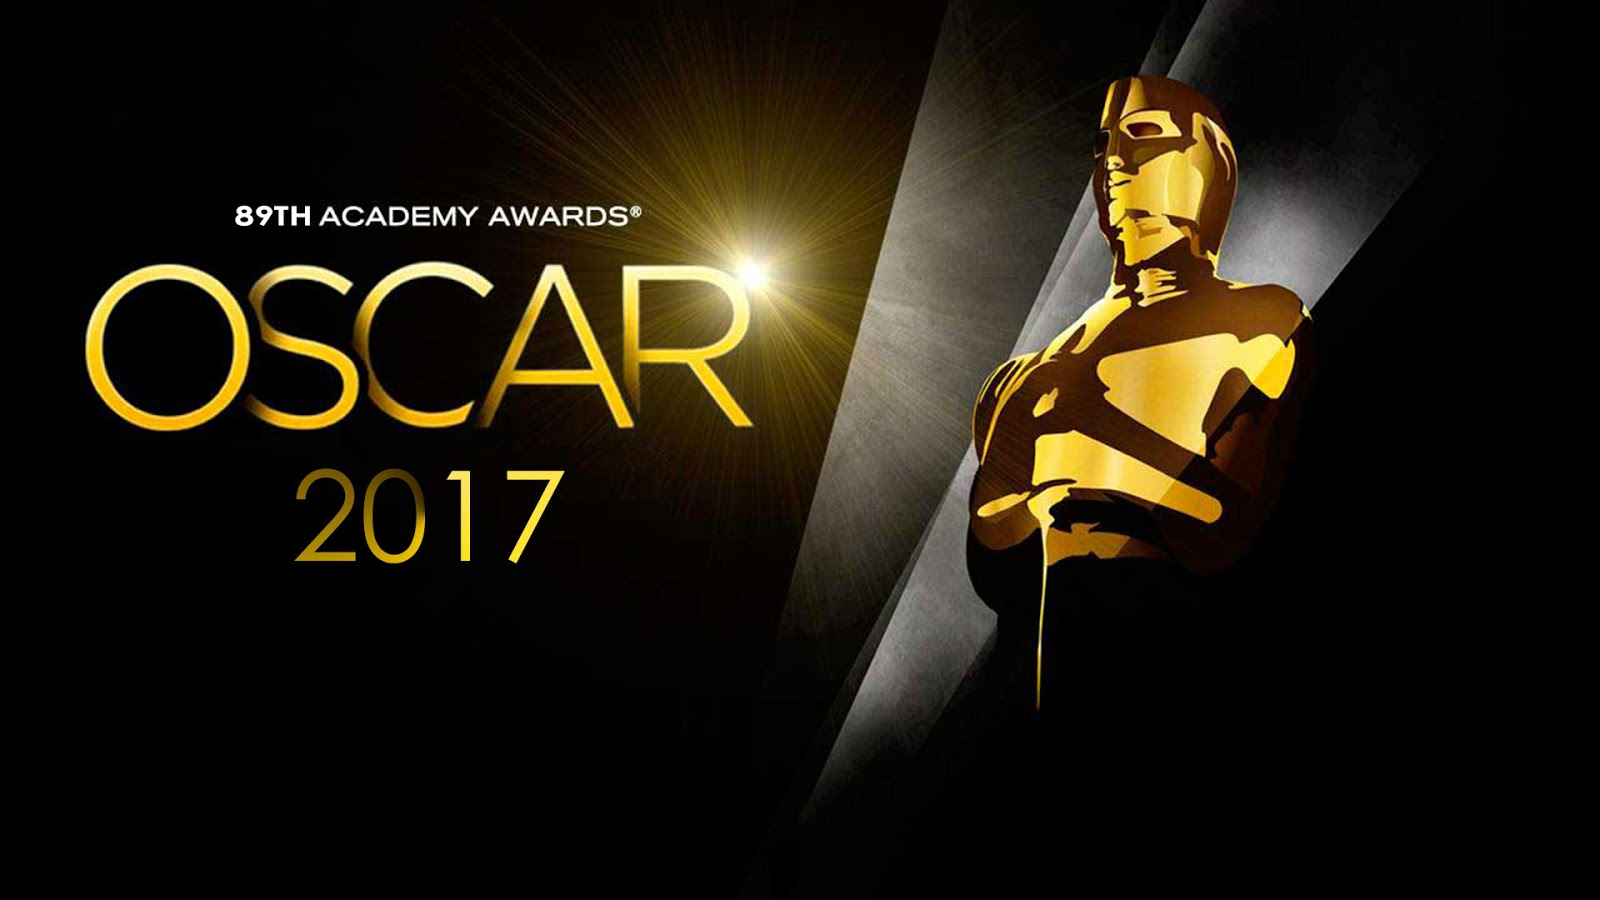 Oscars recap 2017!